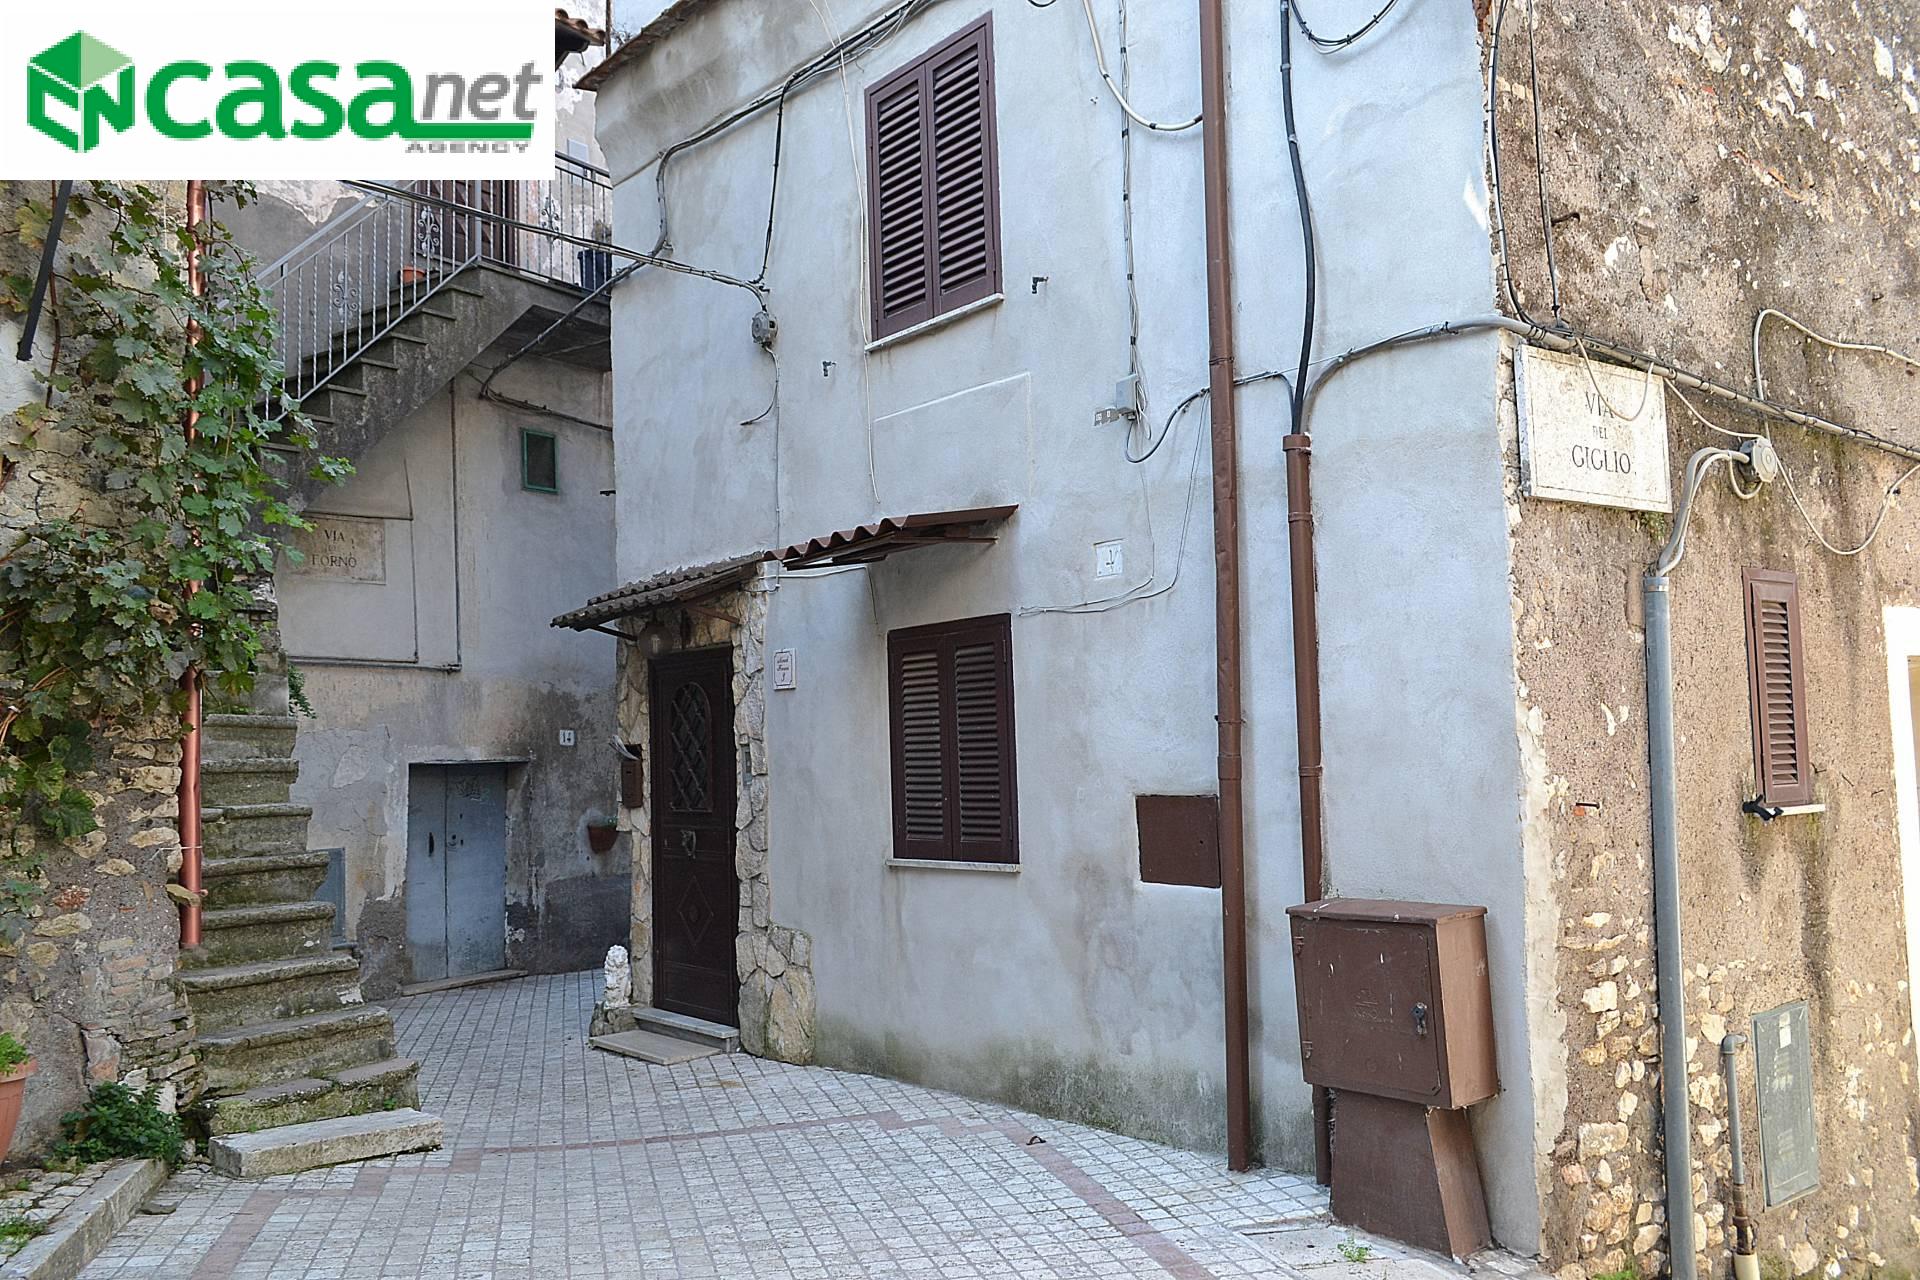 Appartamento in vendita a Sant'Angelo Romano, 3 locali, prezzo € 48.000 | CambioCasa.it